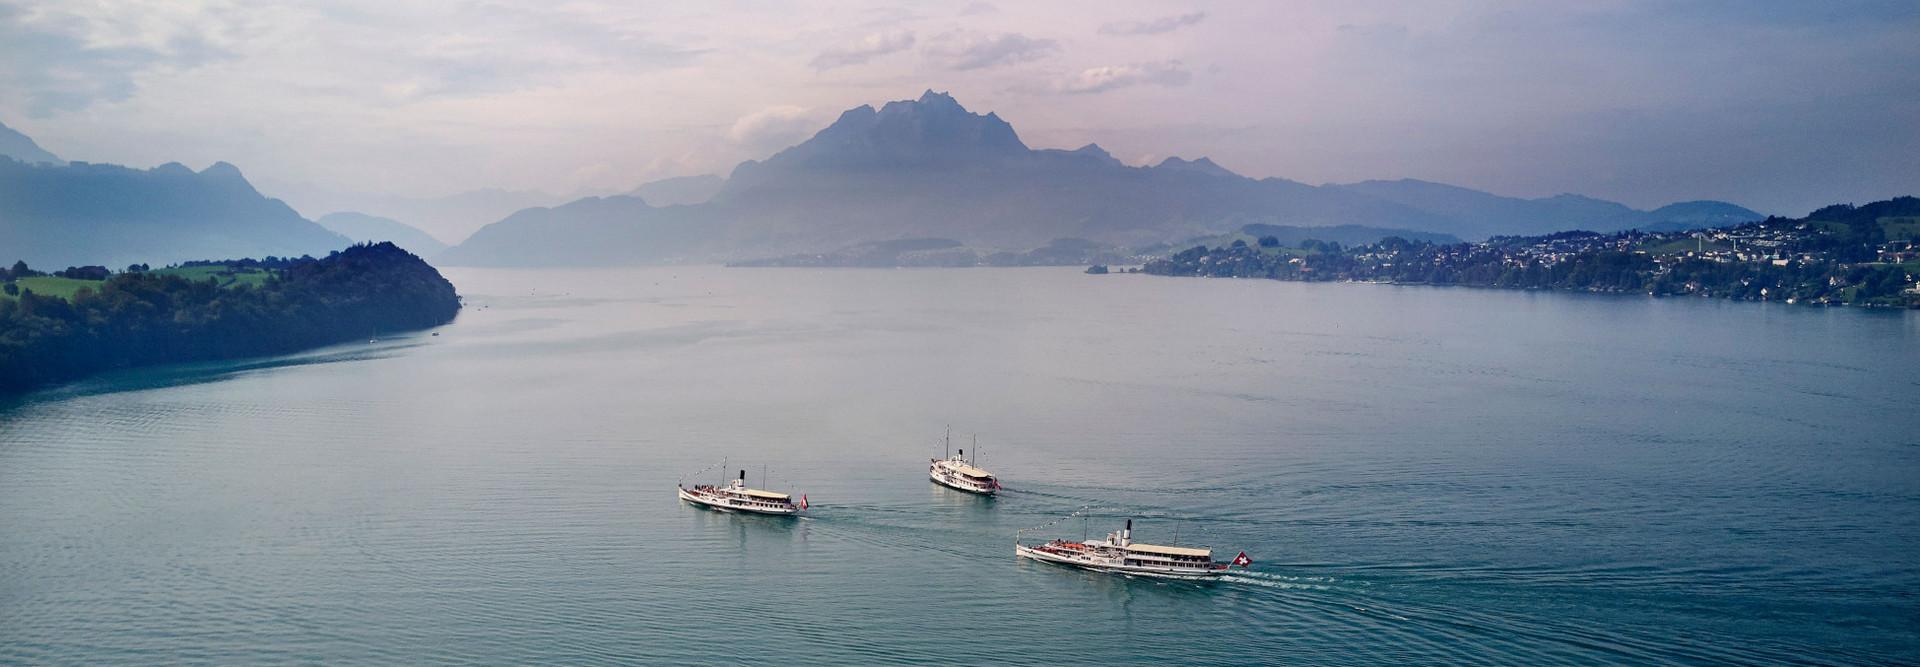 Trois bateaux à vapeur en route pour Lucerne après une croisière à Küssnacht.